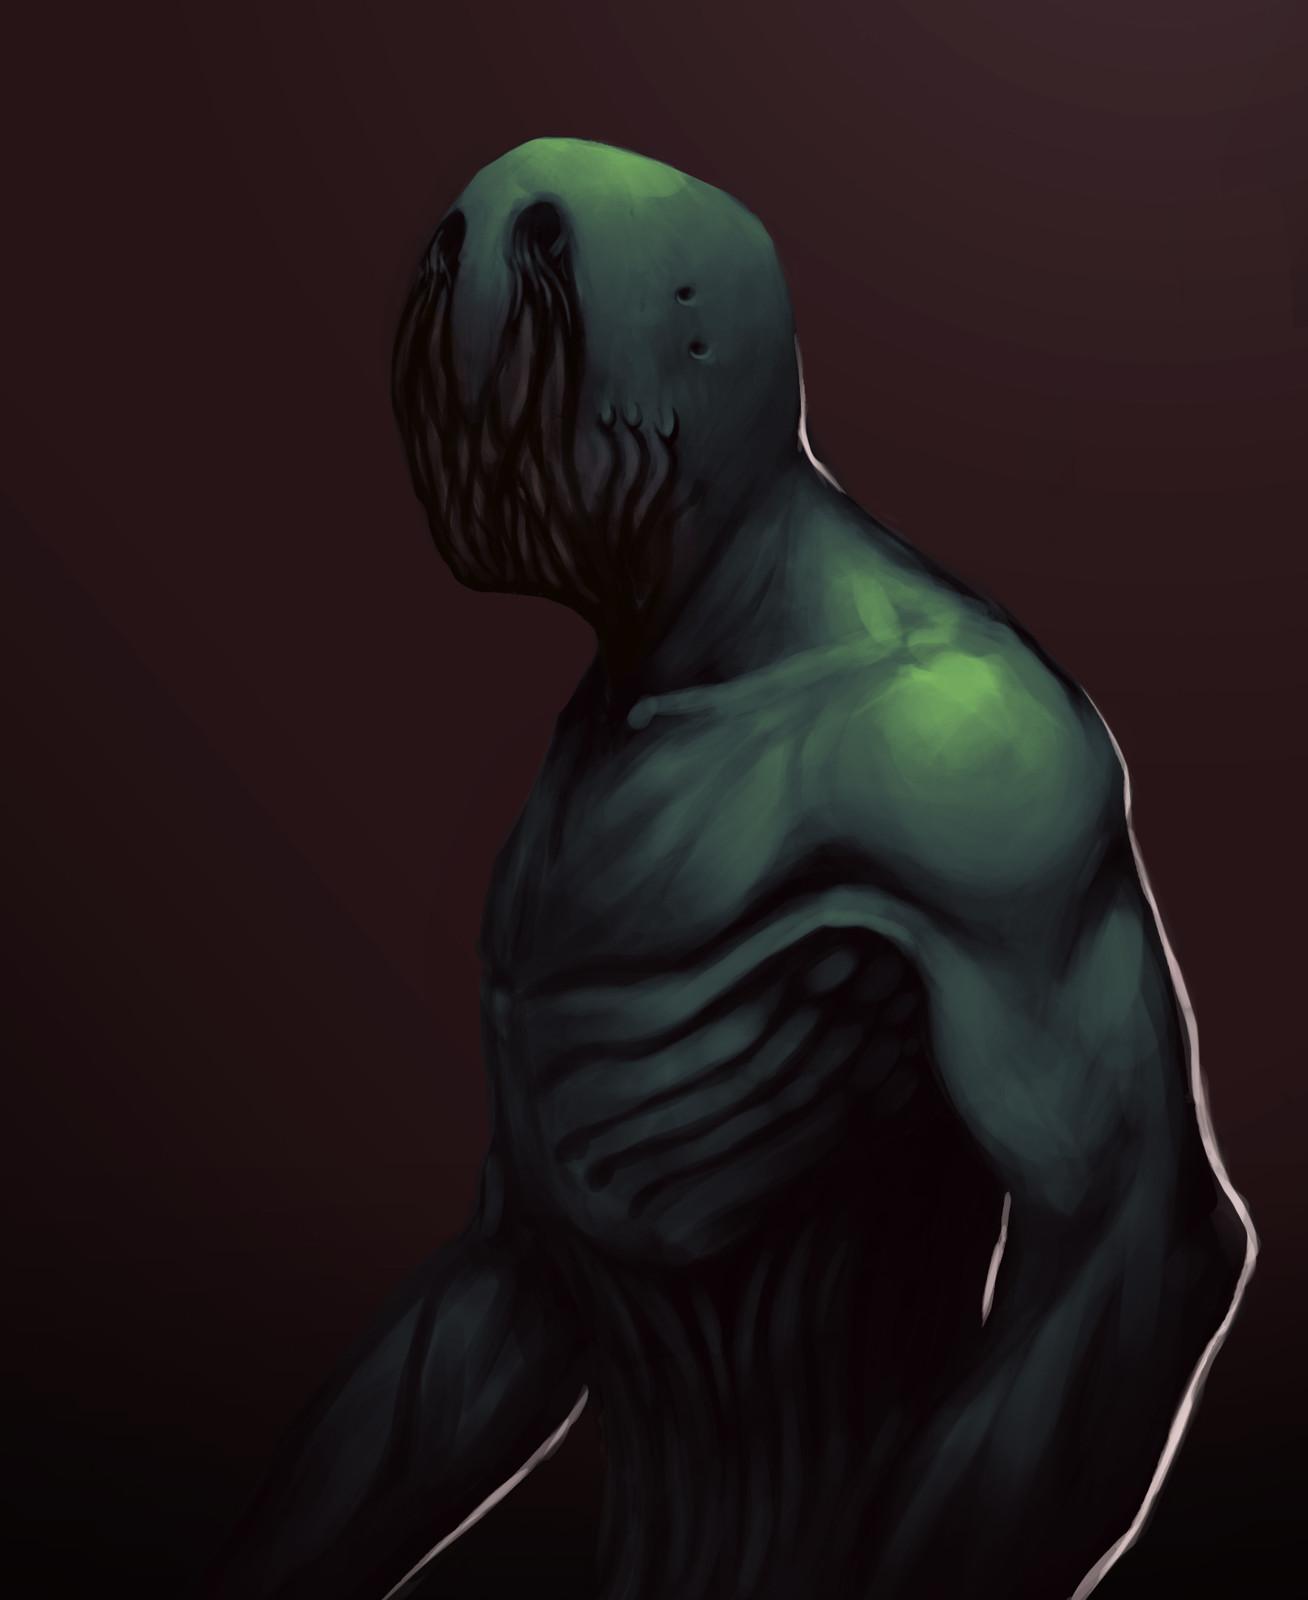 Nightmare terror